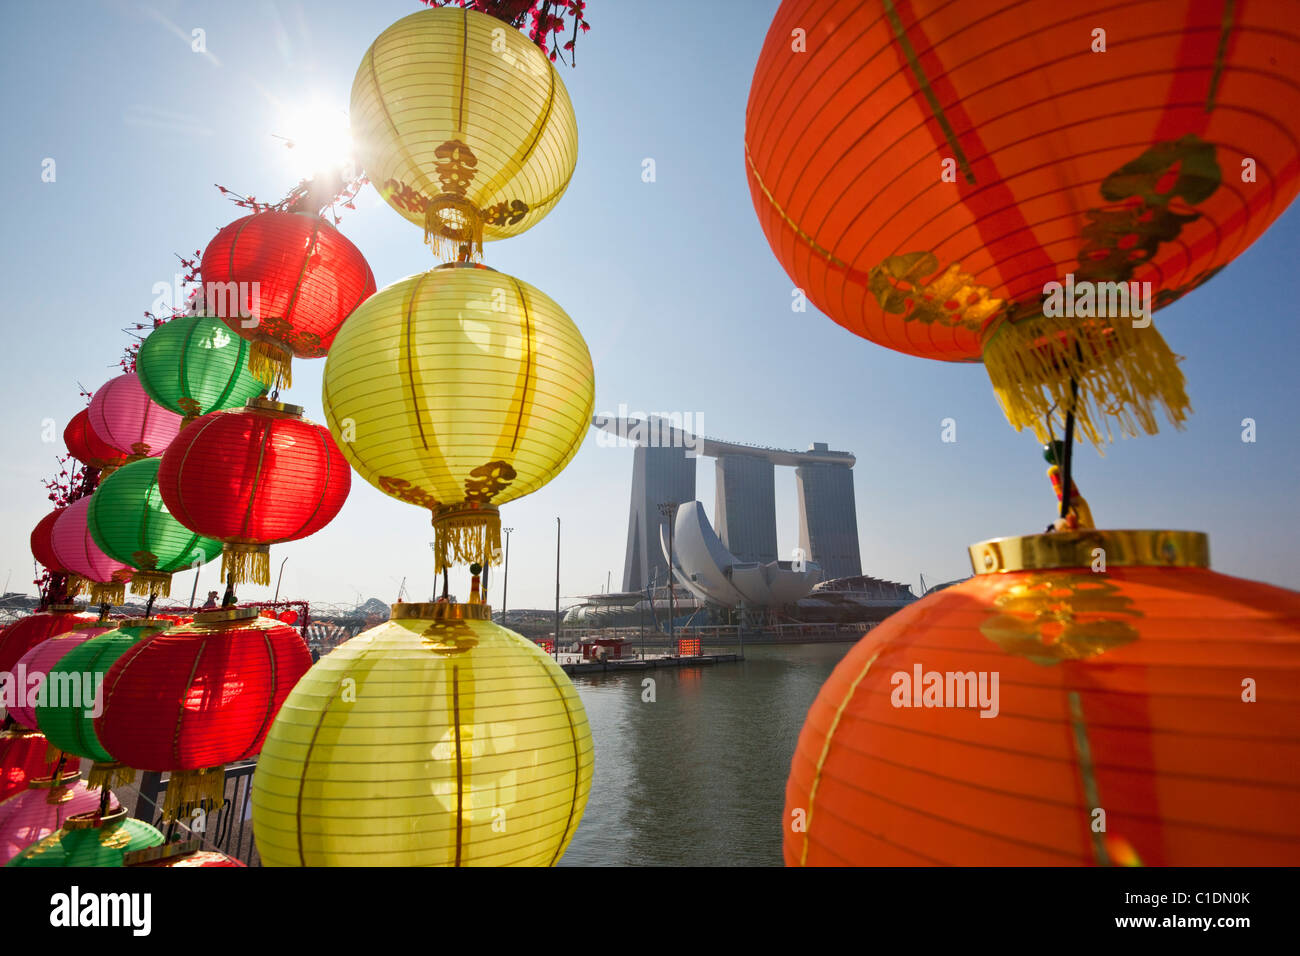 Il Marina Bay Sands Singapore osservata attraverso il Capodanno cinese decorazioni. Il Marina Bay, Singapore Foto Stock